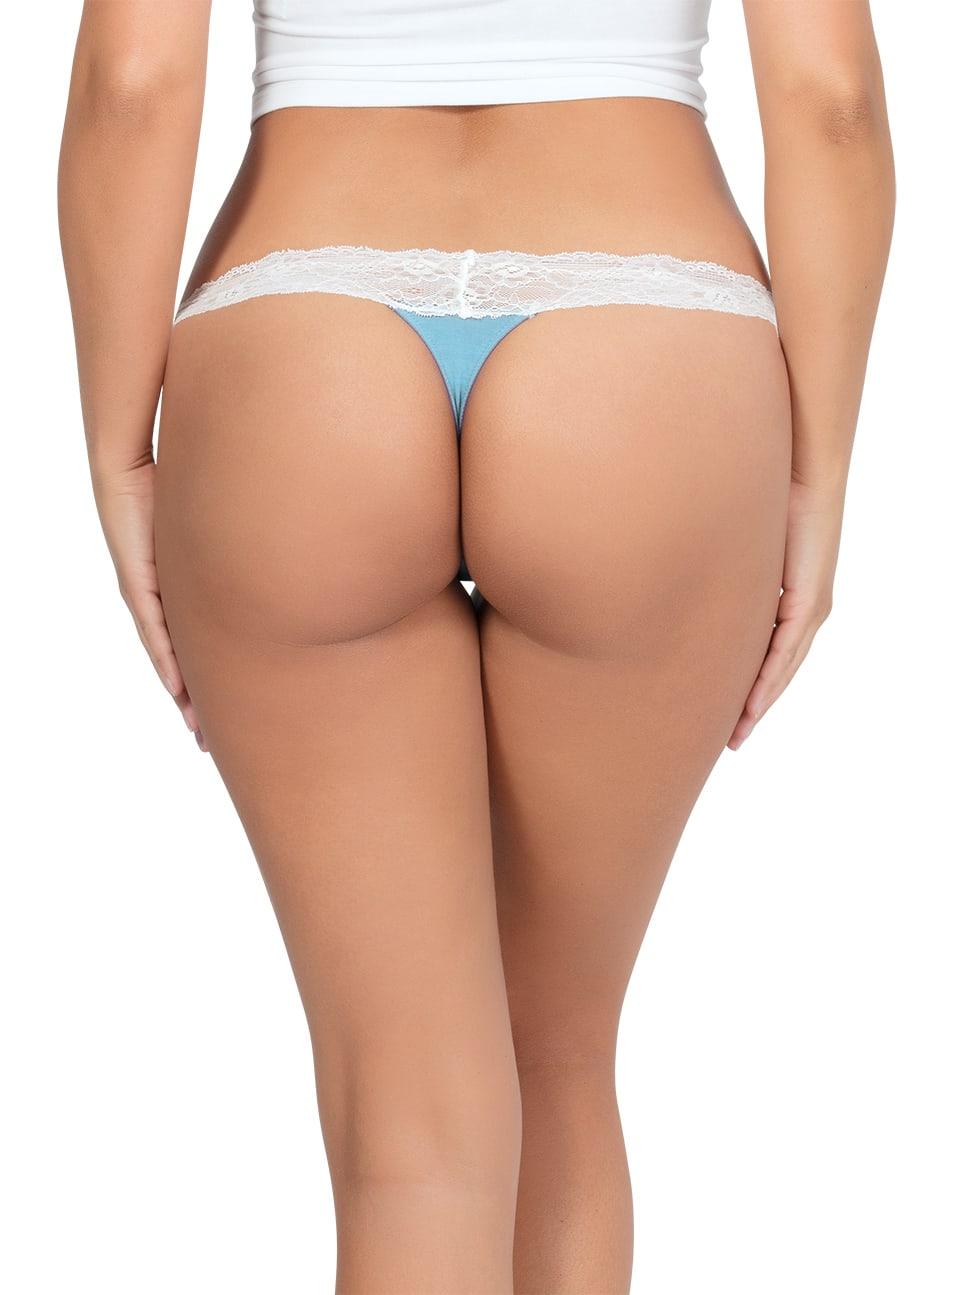 PARFAIT ParfaitPanty SoEssential ThongPP303 SkyBlueIvory Back - Parfait Panty So Essential Thong- Skyblue - PP403